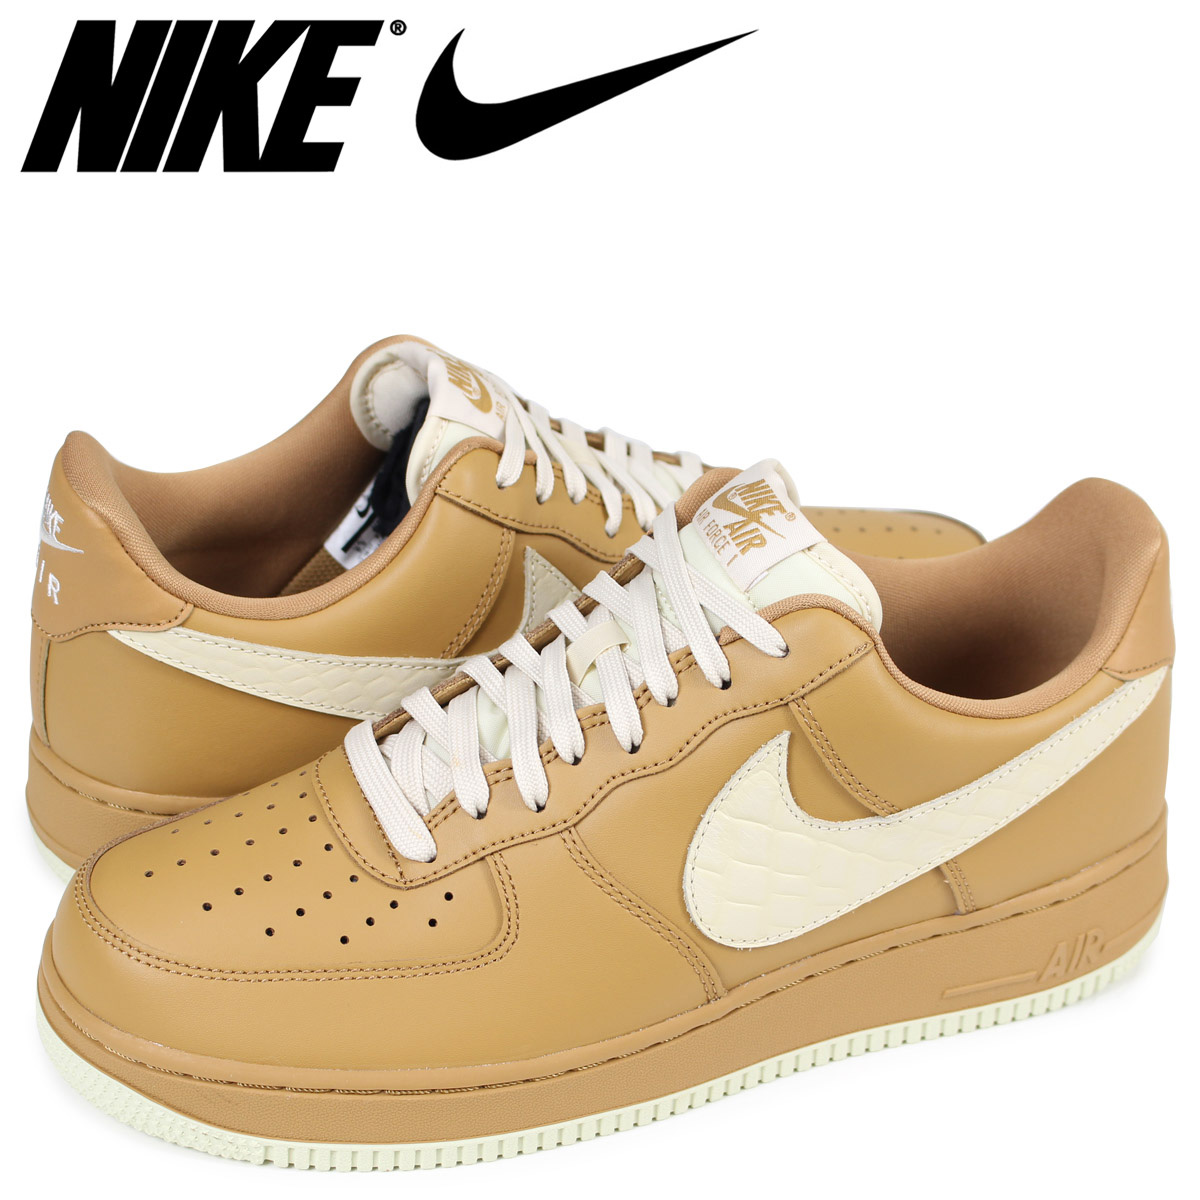 NIKE AIR FORCE 1 07 LV8 Nike air force 1 sneakers men beige 823,511 703